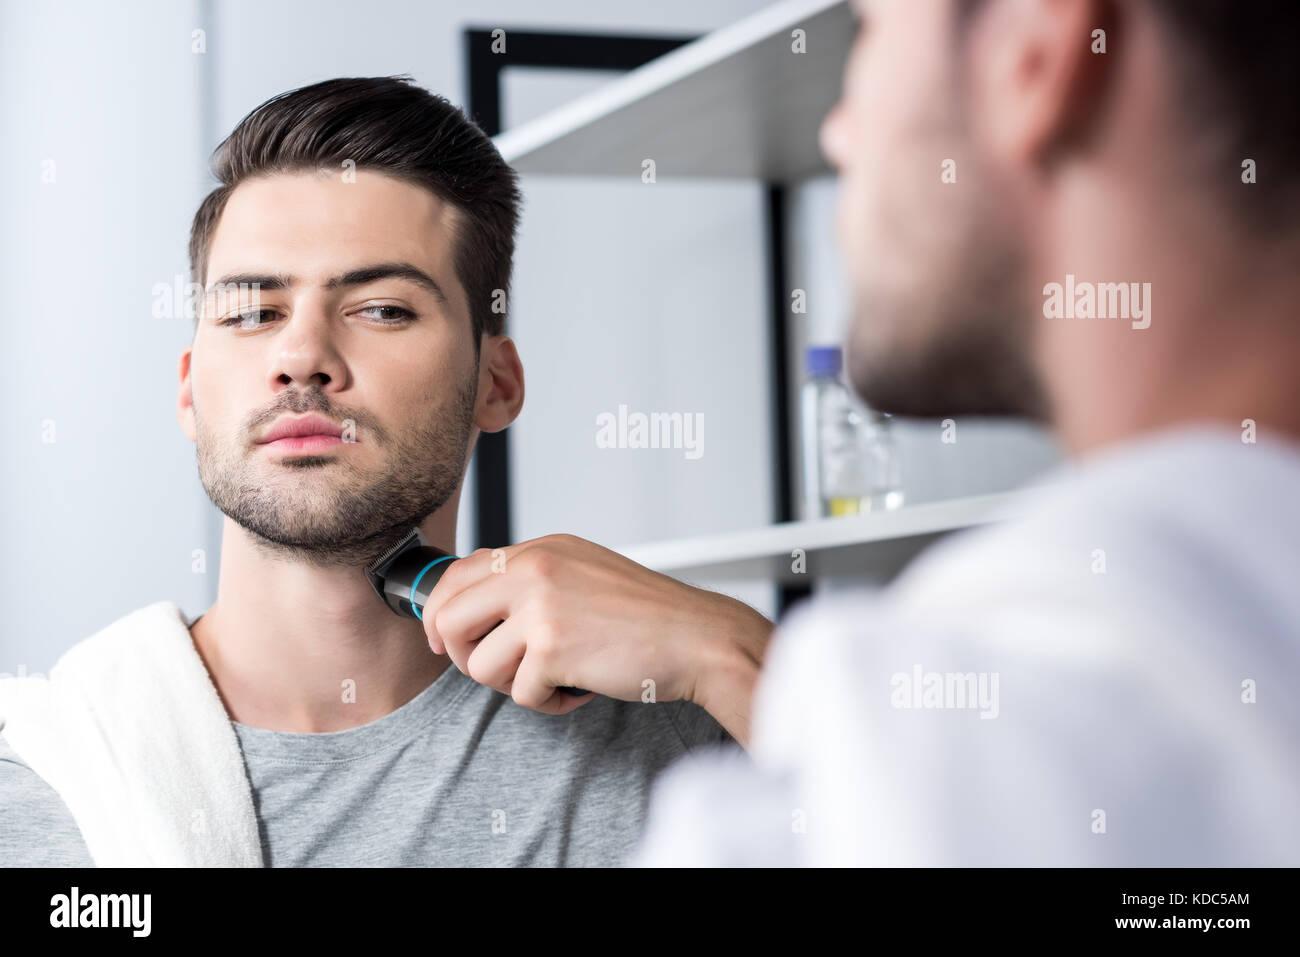 El hombre se afeita con recortador eléctrico Imagen De Stock